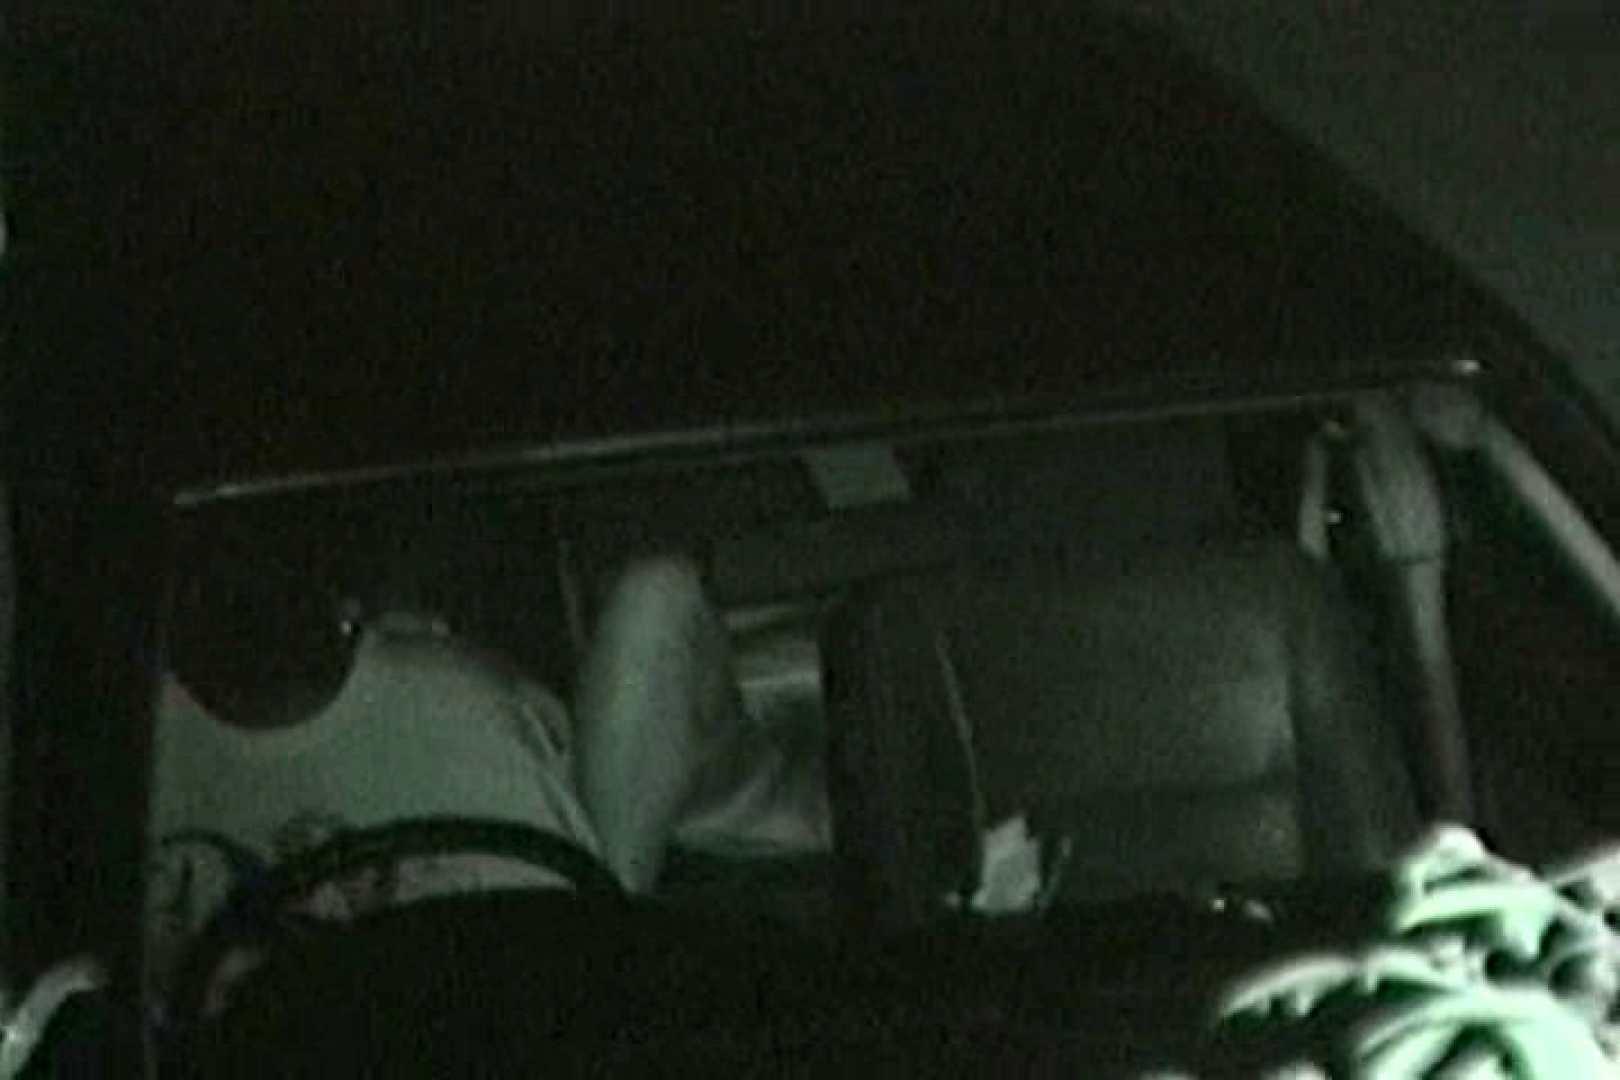 車の中はラブホテル 無修正版  Vol.8 人気シリーズ 盗み撮り動画キャプチャ 68連発 54